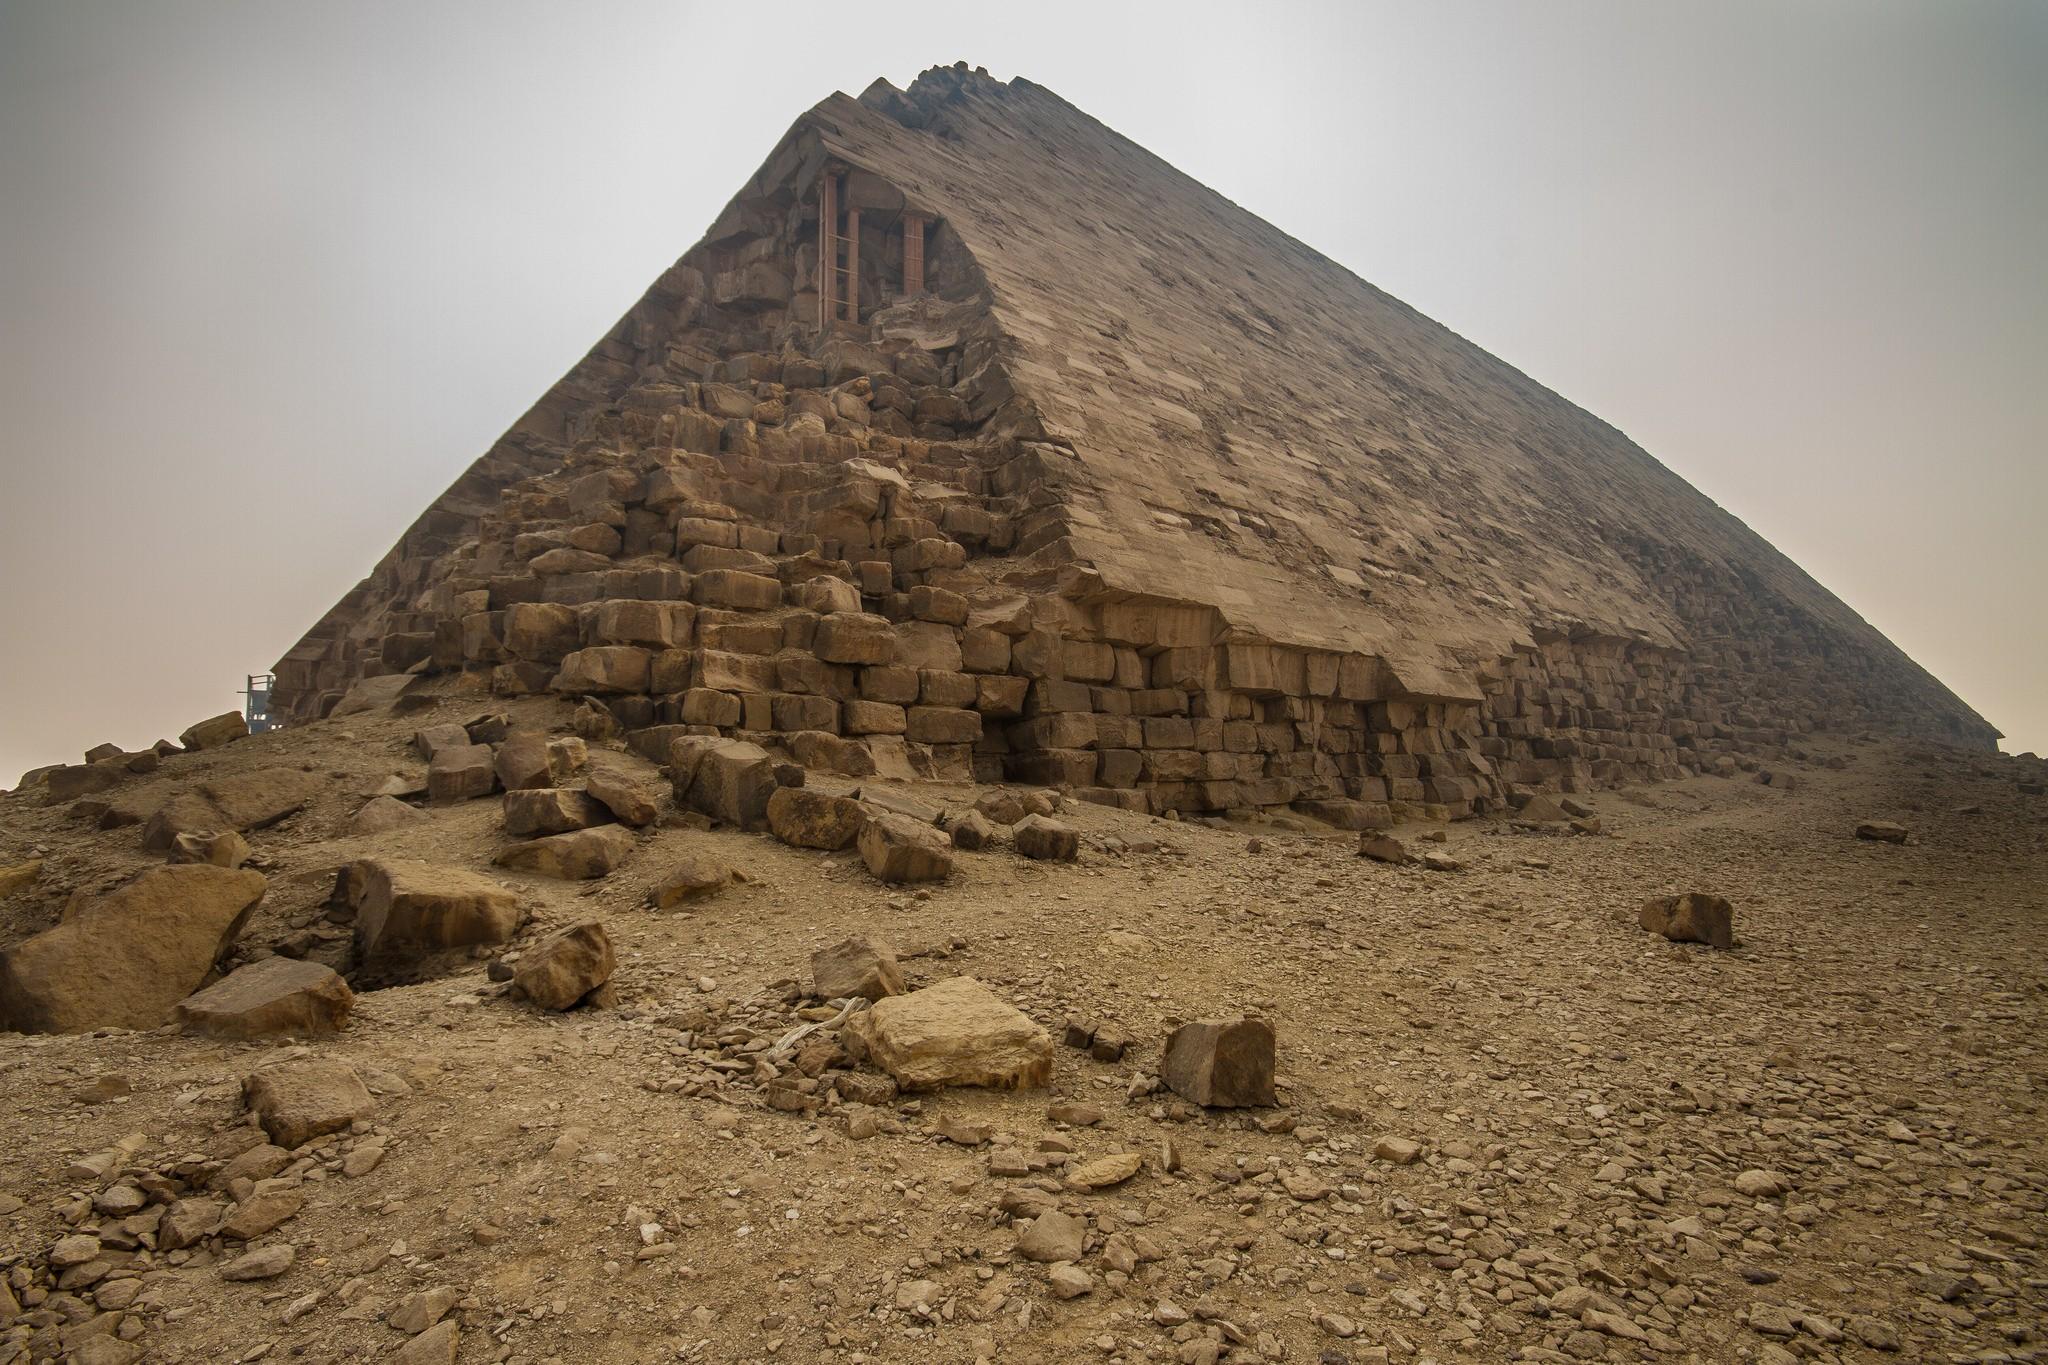 Partículas cósmicas coletadas dentro de pirâmide podem revelar como ela foi construída